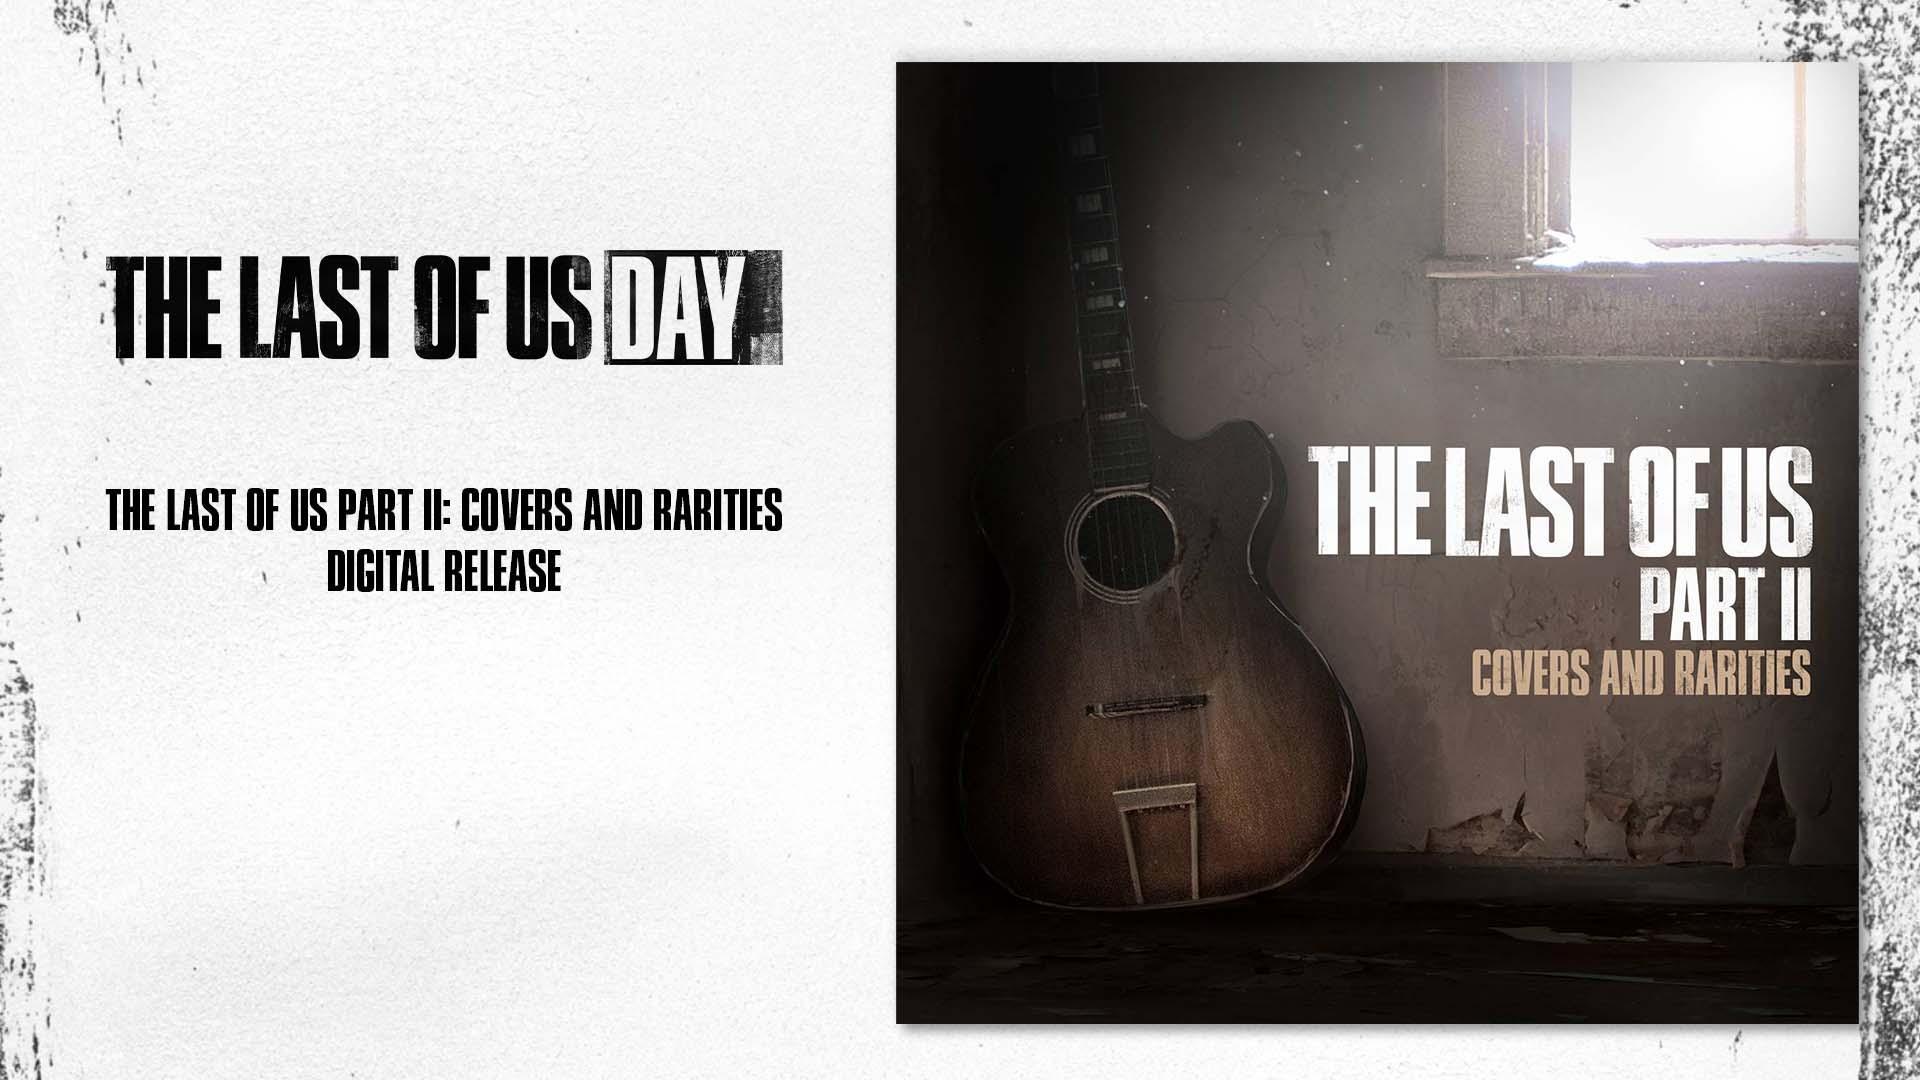 Альбом The Last of Us Part II : Covers and Rarities / фото Naughty Dog